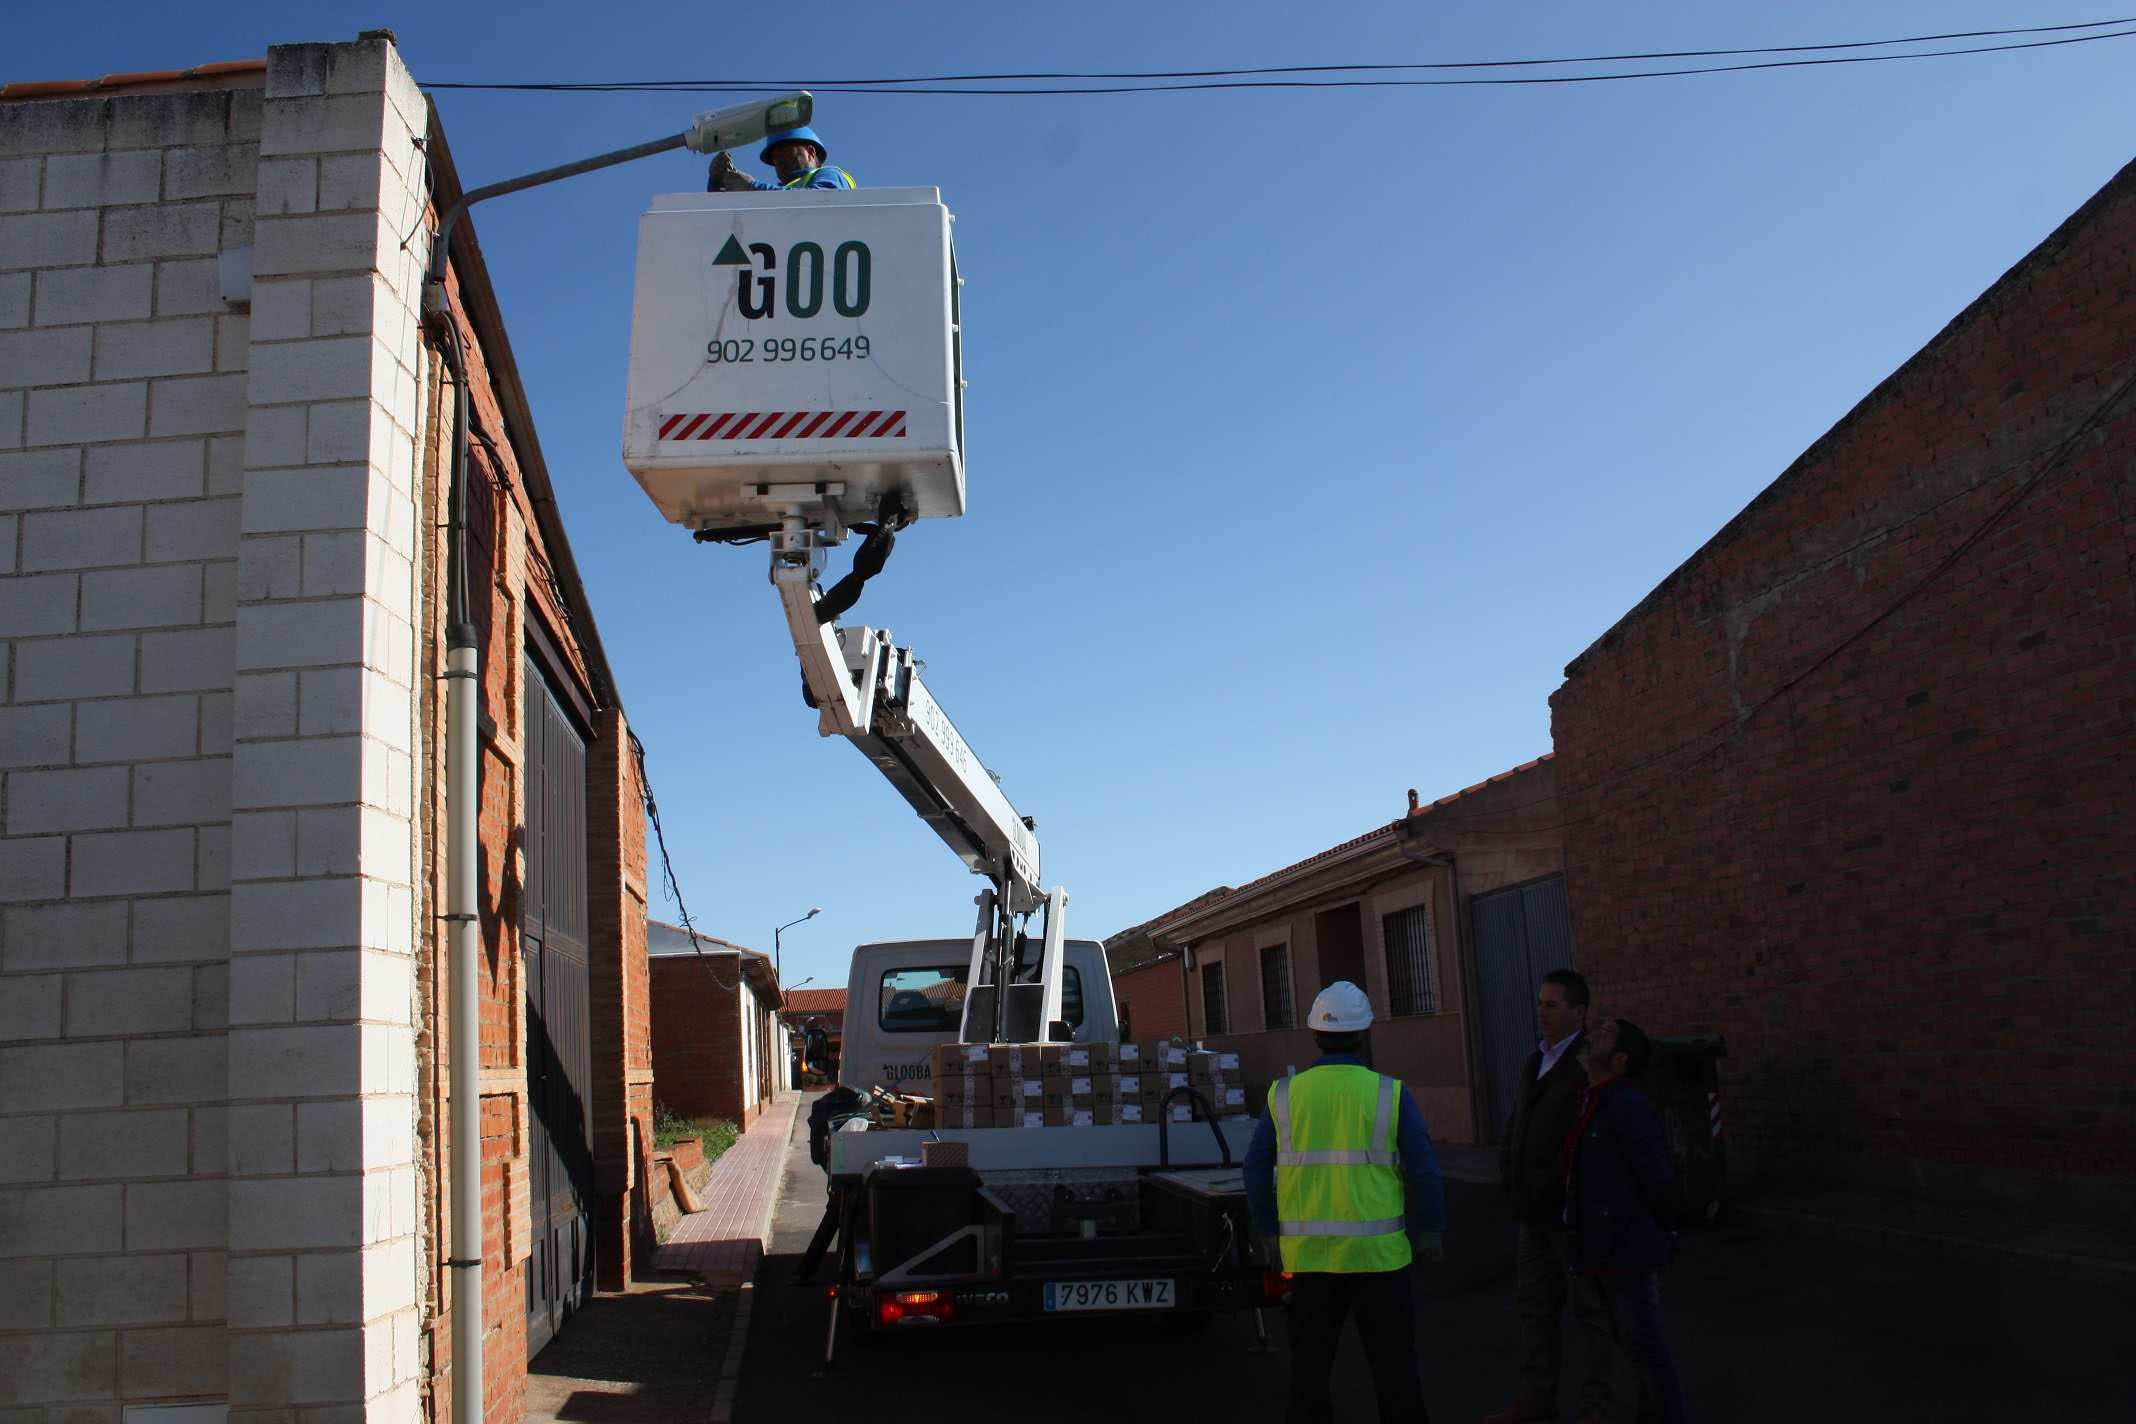 Avanzan a buen ritmo los trabajos de sustitución de luminarias en Porzuna y sus aldeas